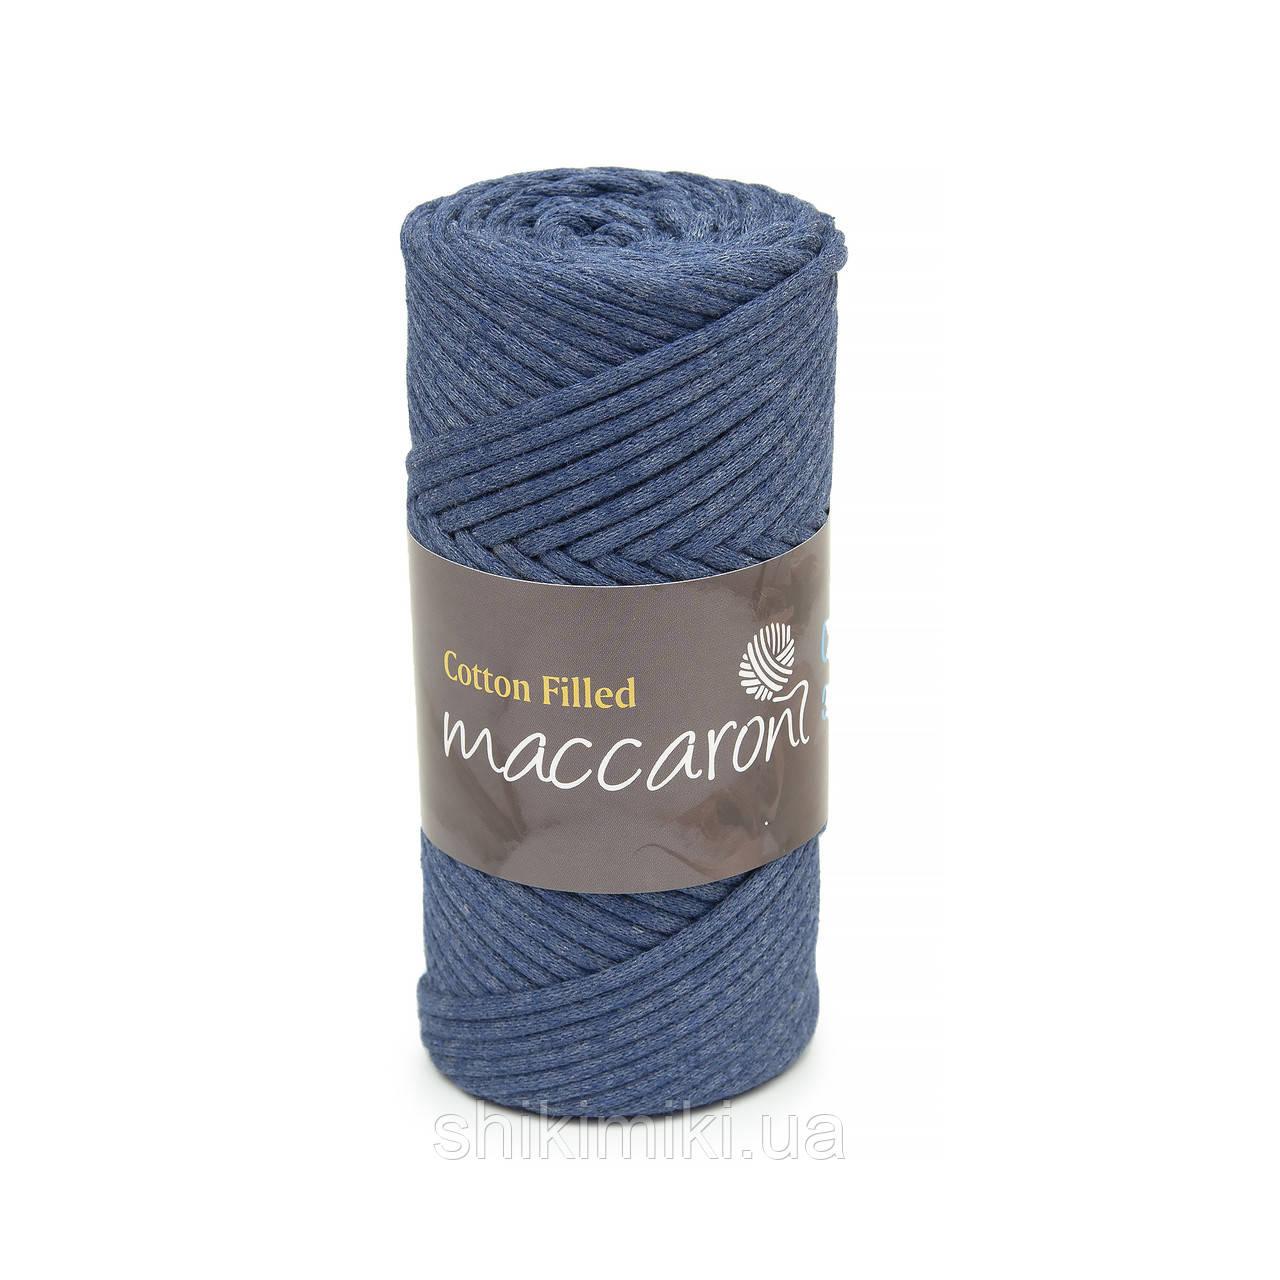 Трикотажный хлопковый шнур Cotton Filled 3 мм, цвет Индиго